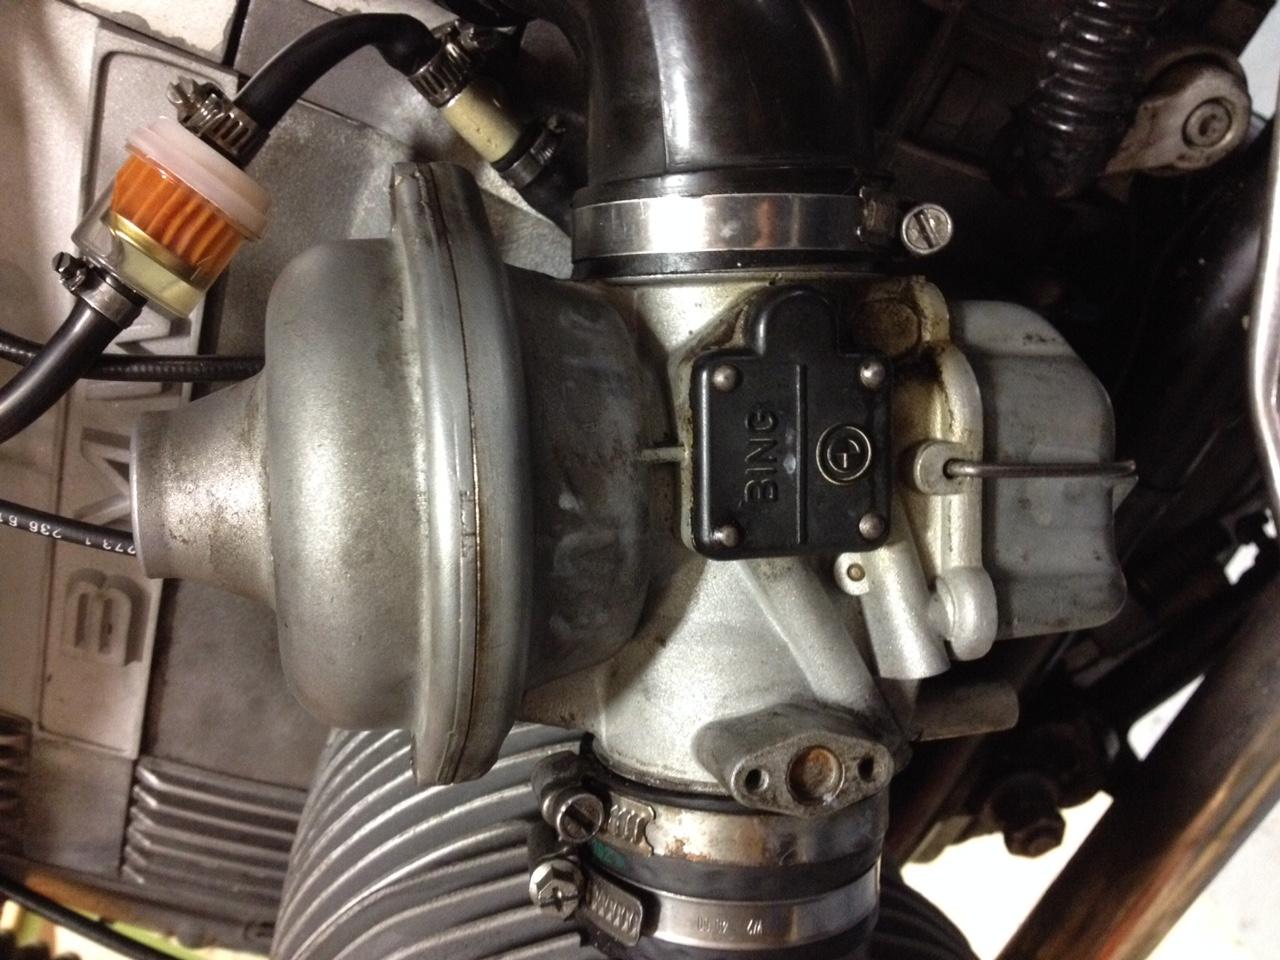 temps de chauffe long à mon gout - reference carburateur- kit refection ? 939413IMG3407